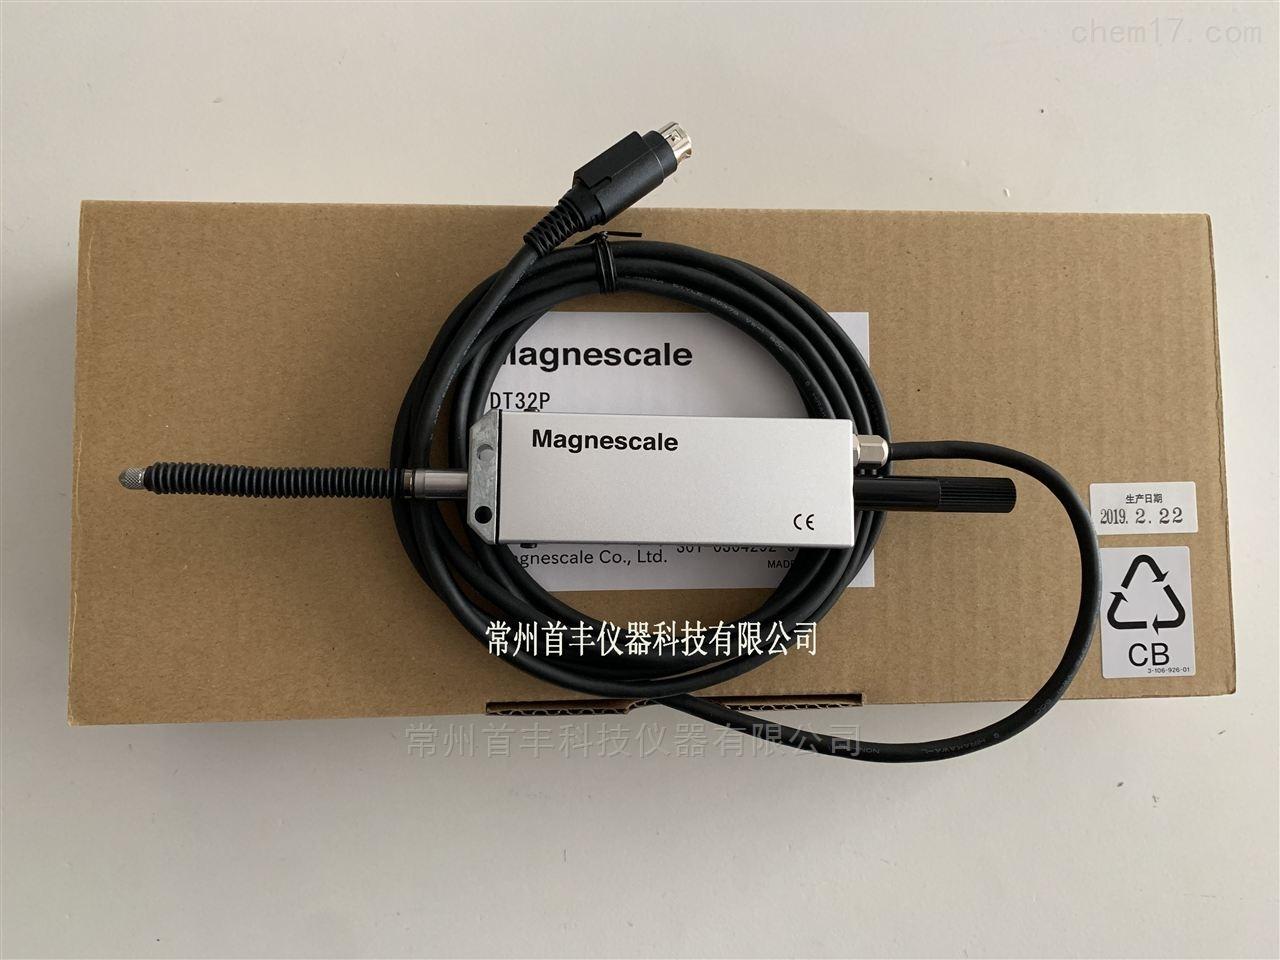 日本Magnescale位移傳感器DT32P,現貨熱銷